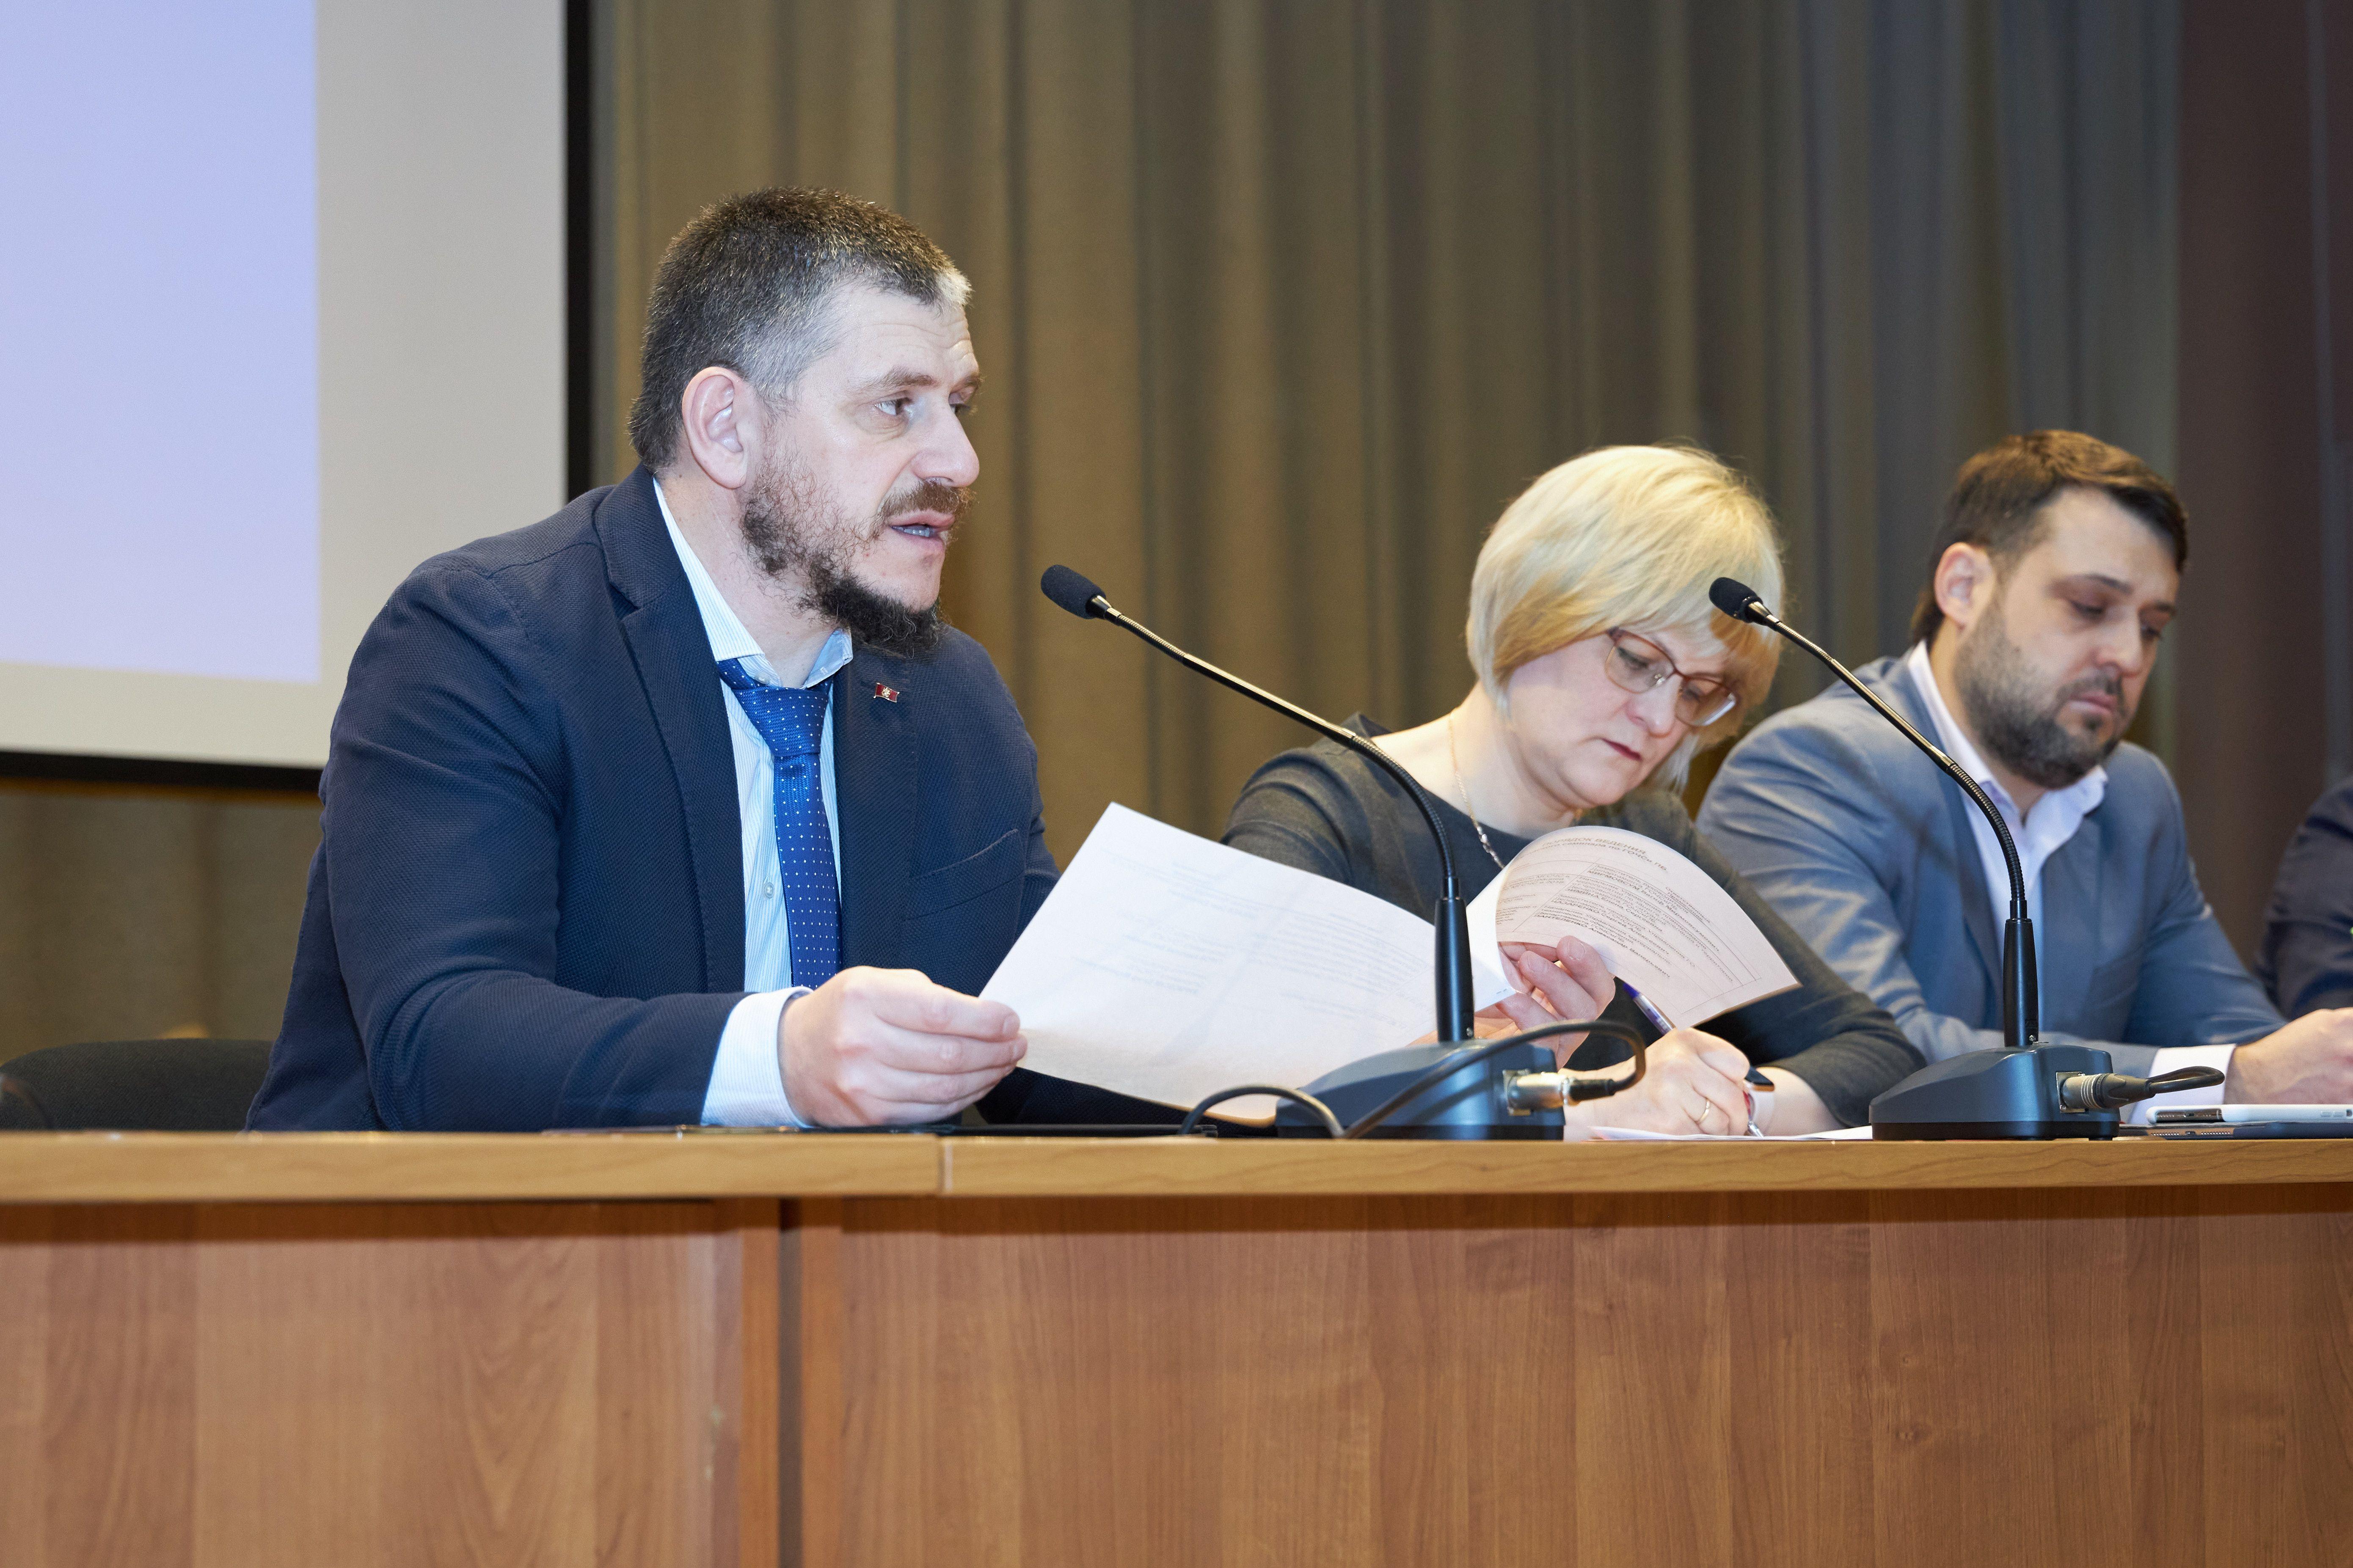 Гродской информационно-методический семинар провели в Москве